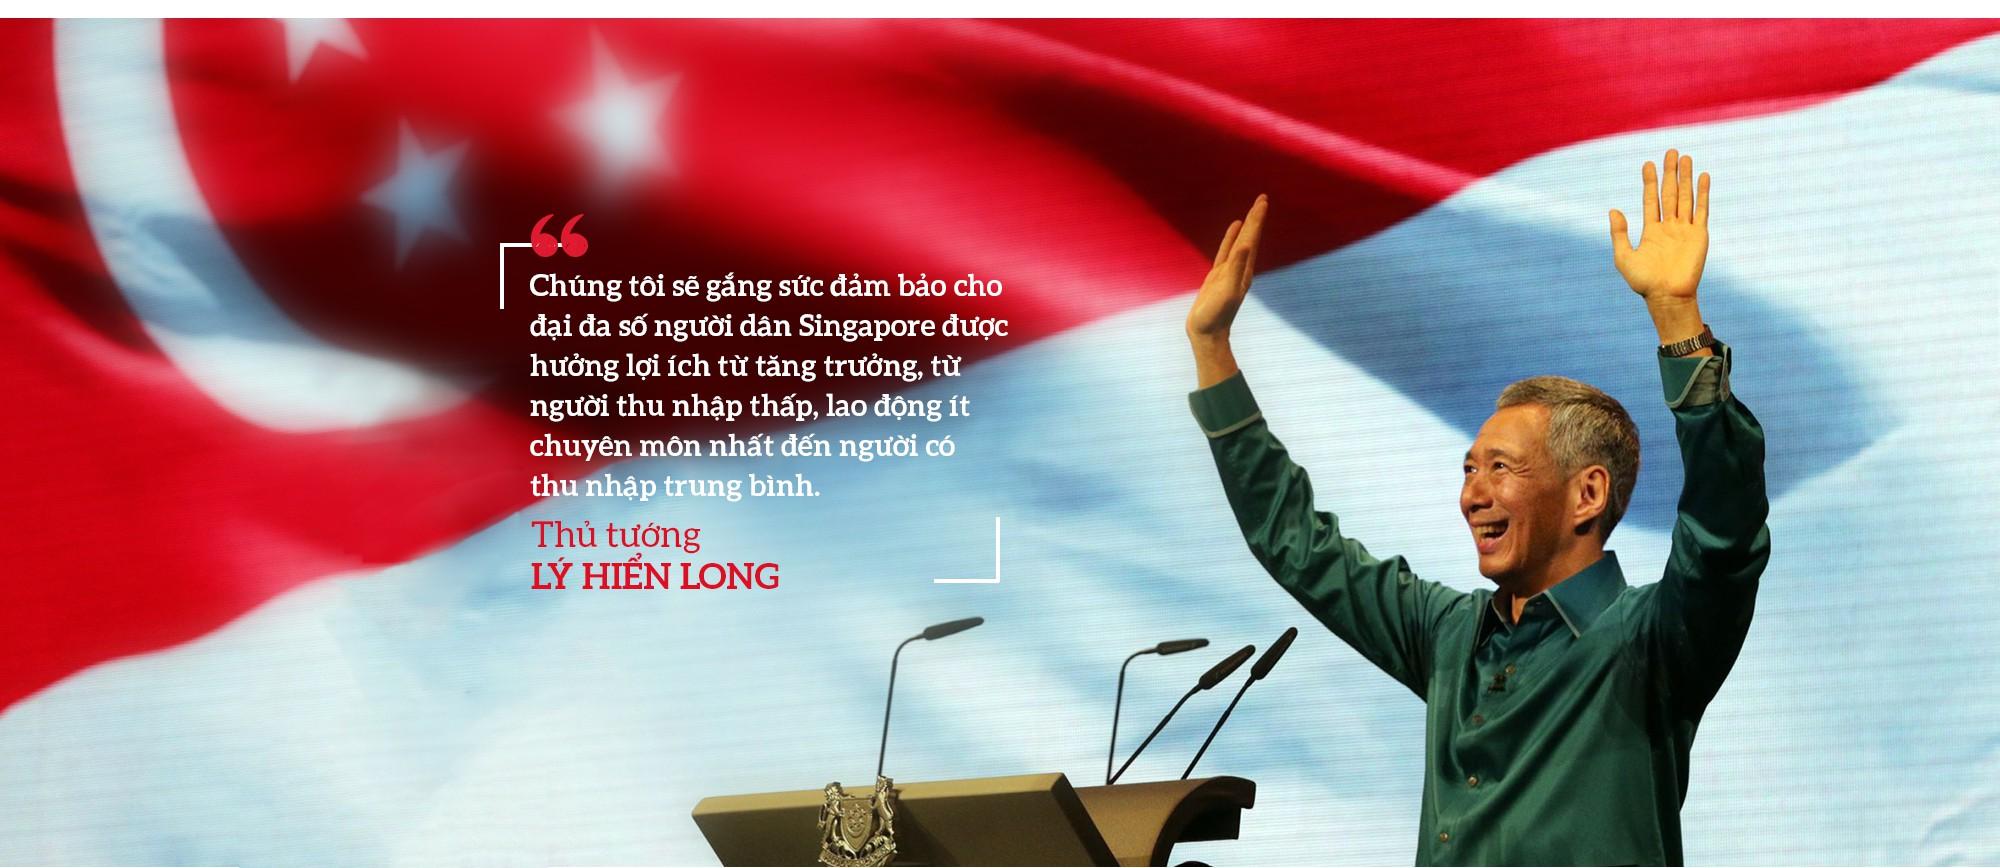 Thủ tướng Lý Hiển Long: Người đưa Singapore vượt khủng hoảng tới thịnh vượng với định hướng toàn cầu hóa - Ảnh 11.